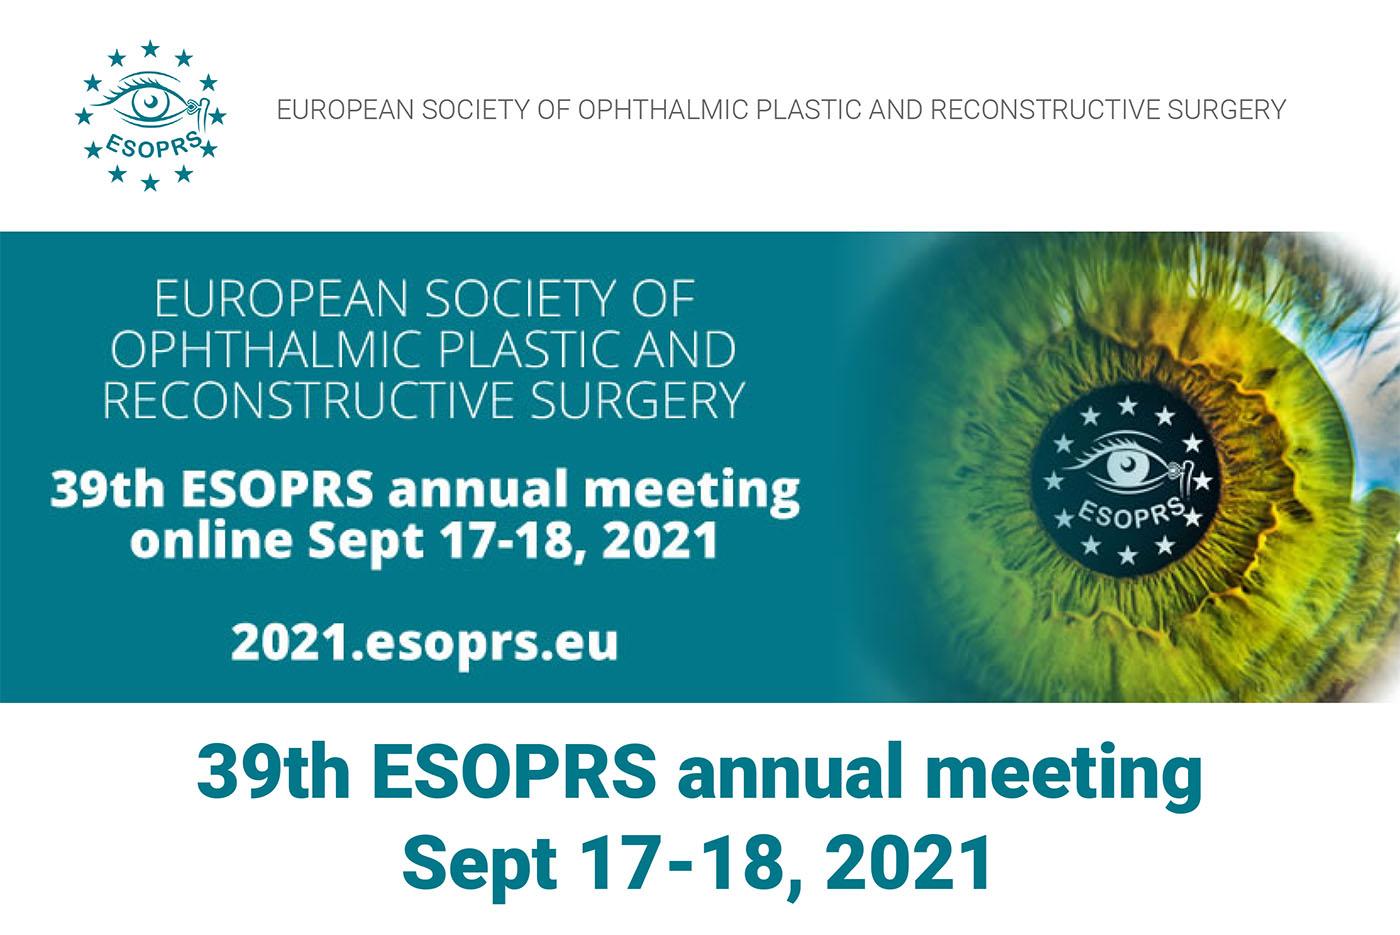 ESOPRS 2021